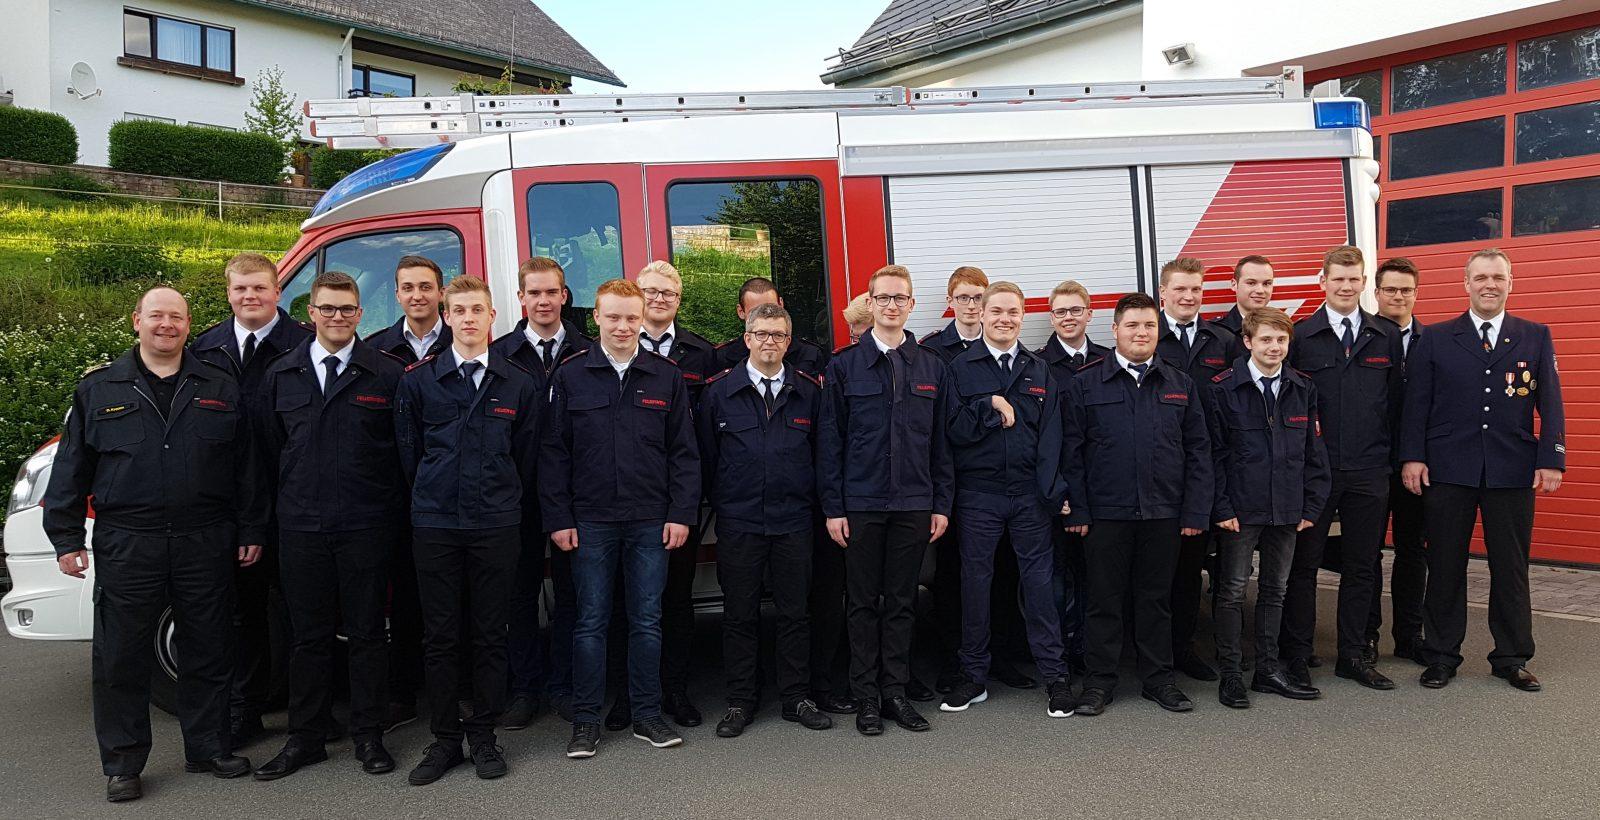 Sprechfunkerlehrgang I/2019 der Freiwilligen Feuerwehr Stadt Schmallenberg in Grafschaft